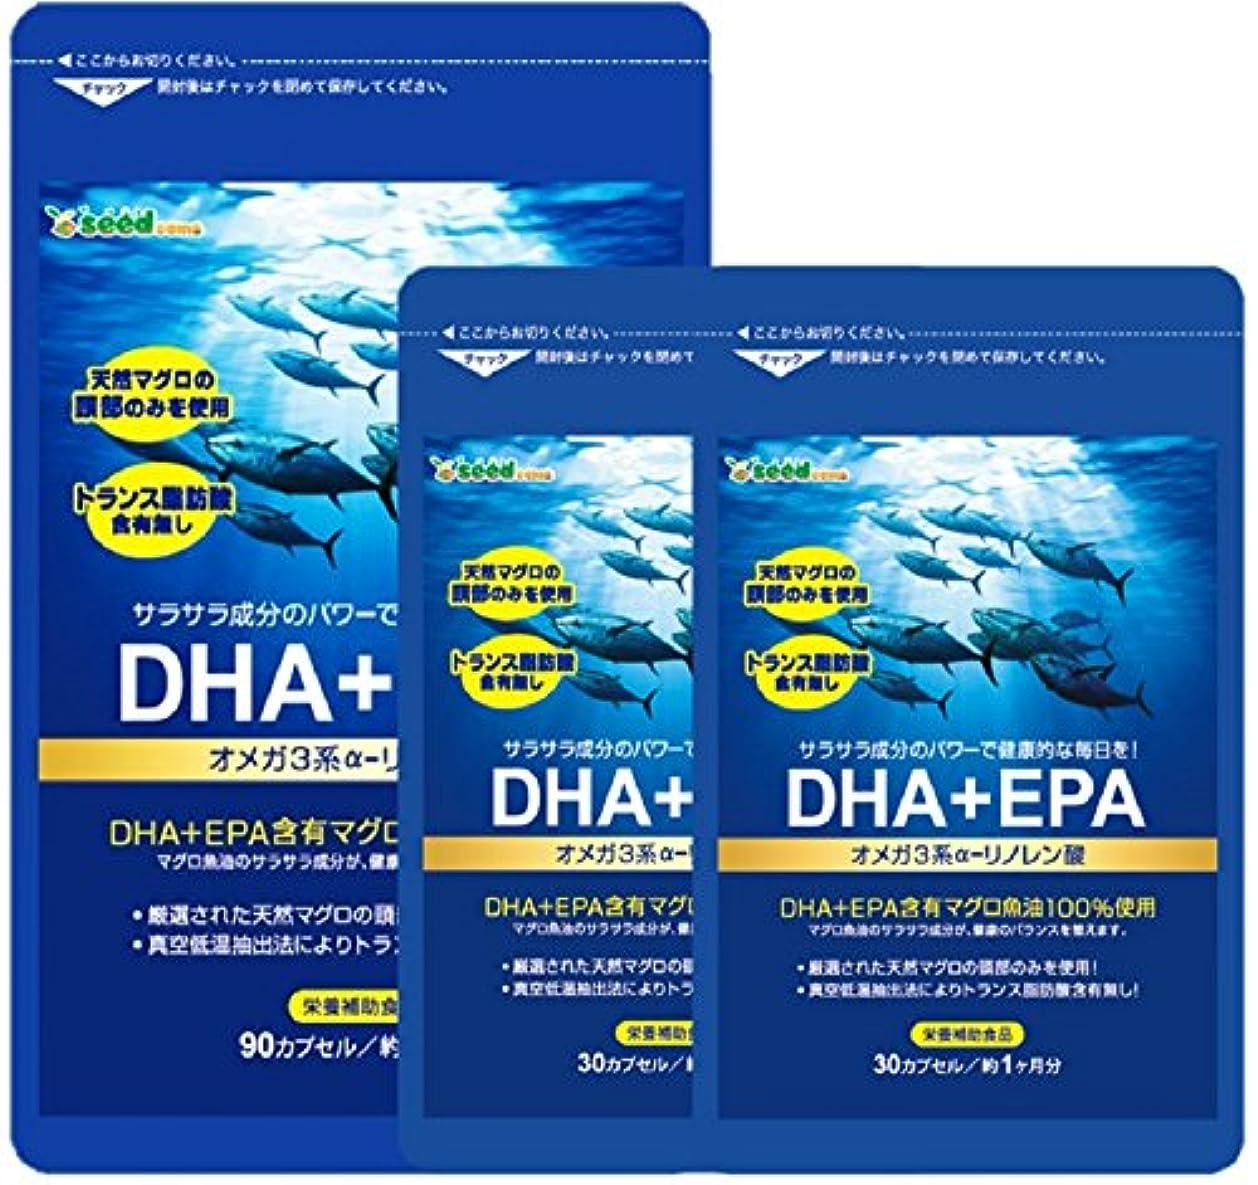 ギャザー疑問に思うファンDHA + EPA 約5ヶ月分/150粒 ( オメガ系 α-リノレン酸 )トランス脂肪酸 0㎎